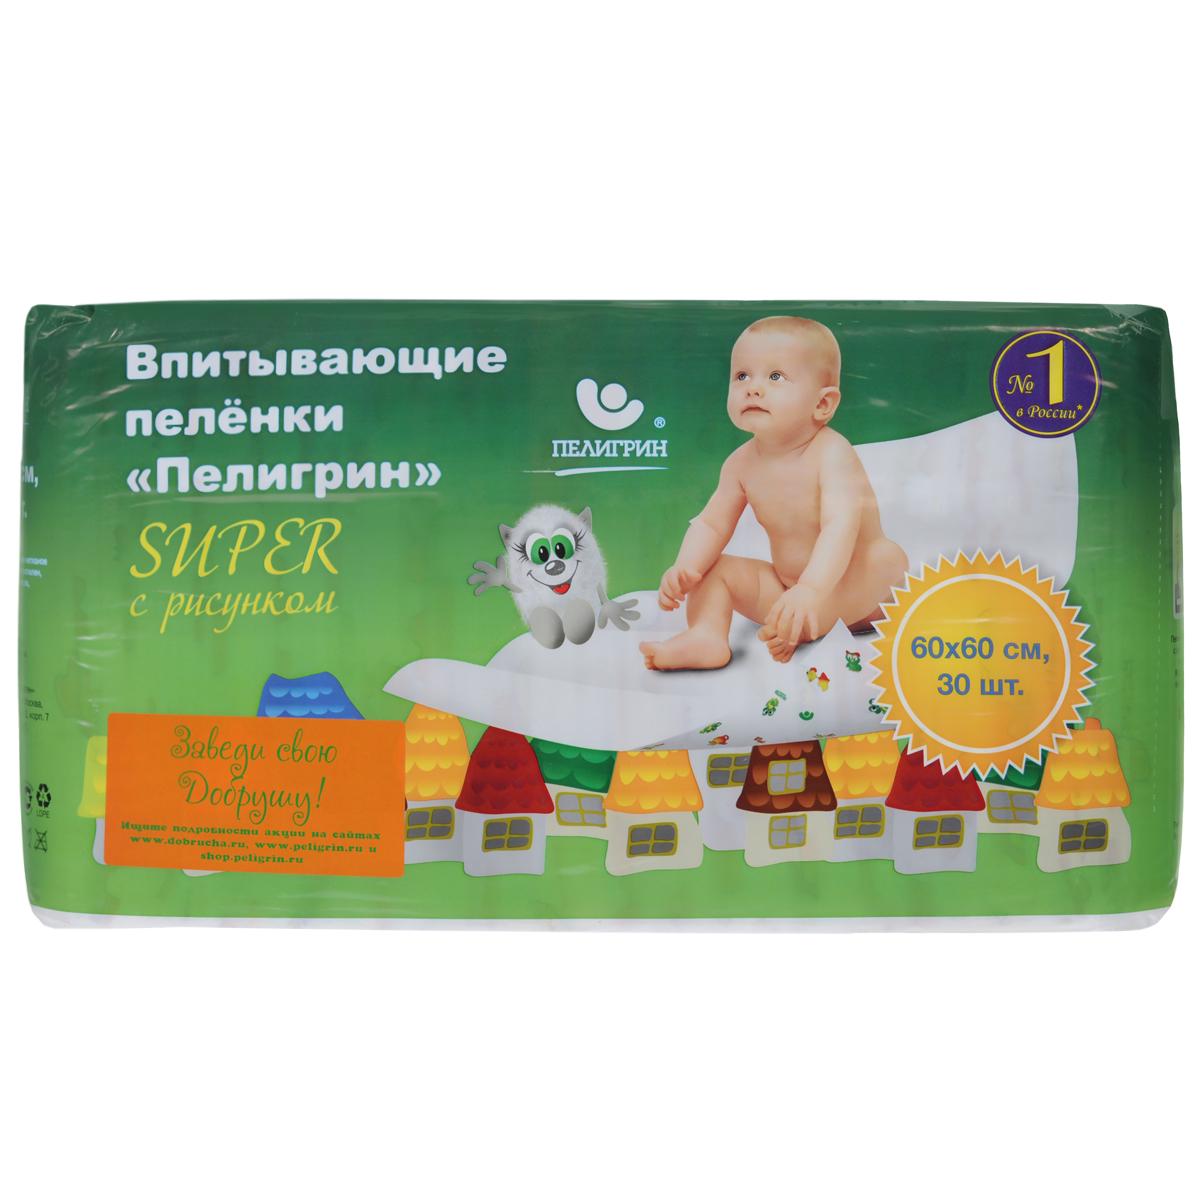 Впитывающие пеленки Пелигрин, 60 см х 60 см, 30 шт264Впитывающие пеленки Пелигрин - удобное средство для ухода за новорожденными детьми. Используются для защиты кроваток, колясок и пеленальных столиков и понадобятся на приеме у врача. Верхний слой пеленок изготовлен из гипоаллергенного нетканого материала, который пропуская влагу, всегда оставляет поверхность сухой. Впитывающий слой представляет собой натуральный экологически чистый гипоаллергенный материал (распушенная целлюлоза), который надежно удерживает влагу и запах. Полиэтиленовое основание пеленок исключает сквозное протекание жидкости. В упаковке 30 пеленок. Материал: гидрофильное нетканое полотно, 100% полипропилен, распушенная целлюлоза, полиэтилен.